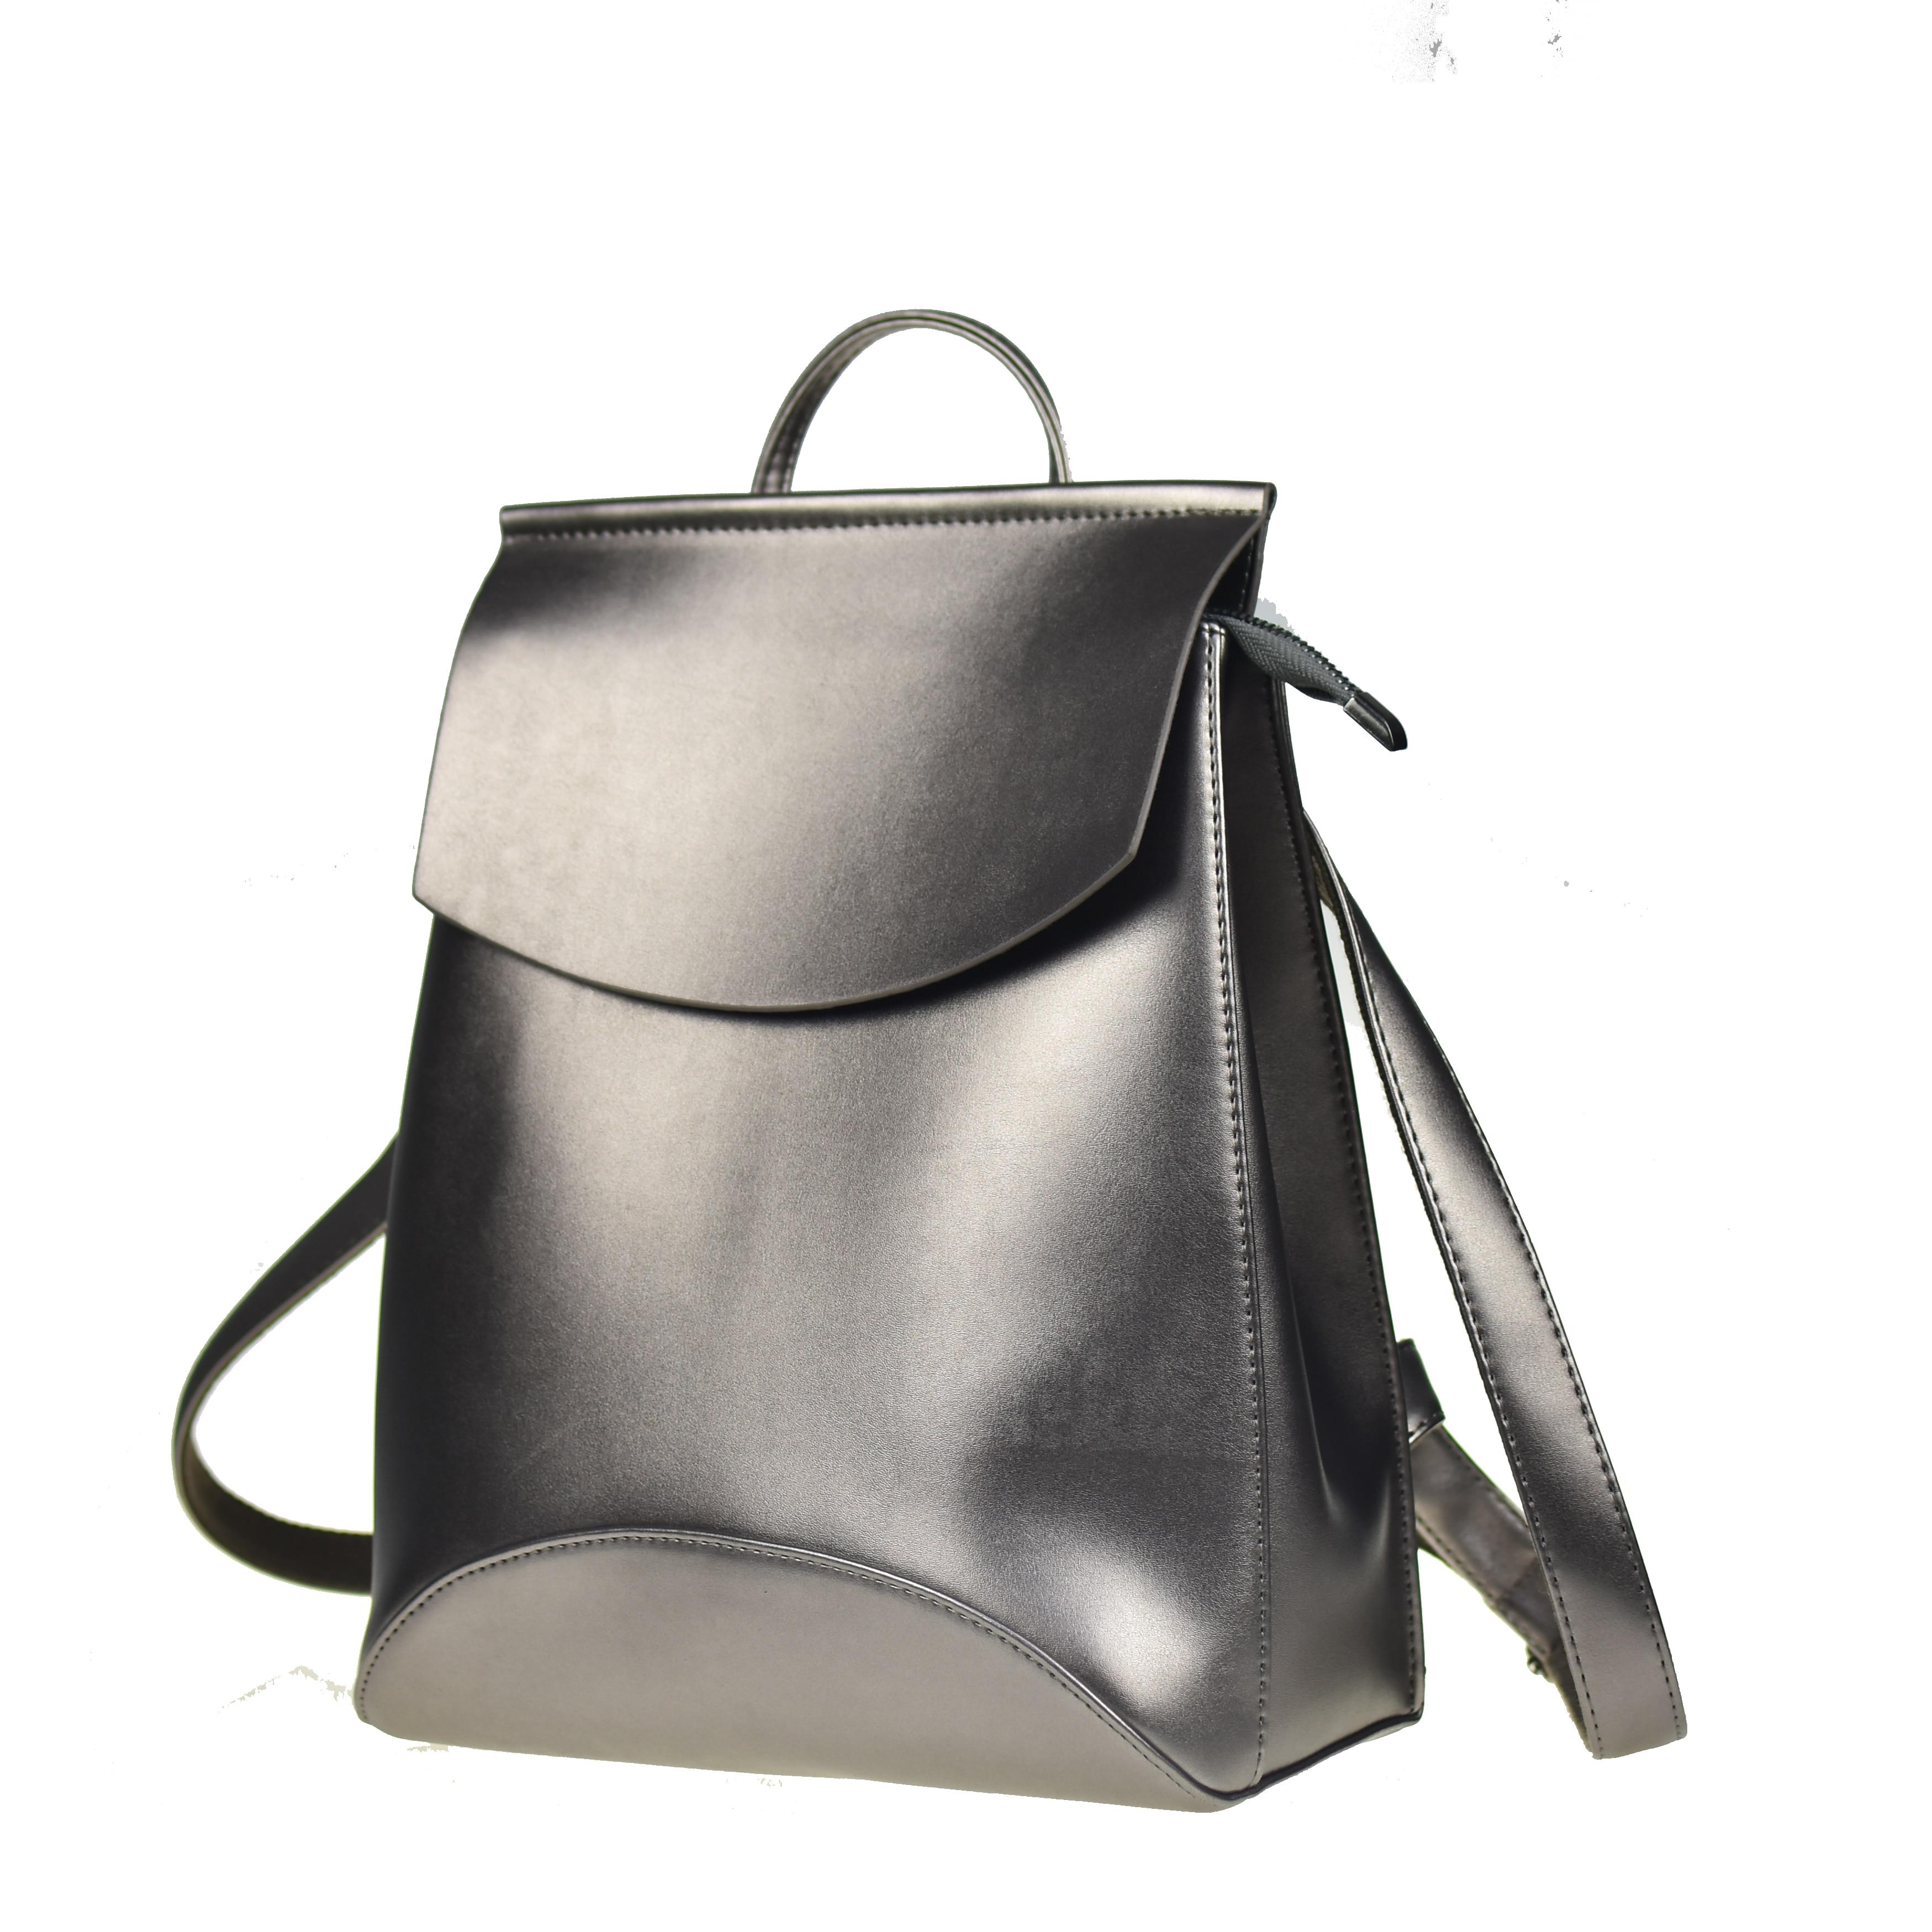 2017 Fashion Women Backpack High Quality Pu Leather Backpacks For Teenage Girls Female School Shoulder Bag Bagpack Mochila #4